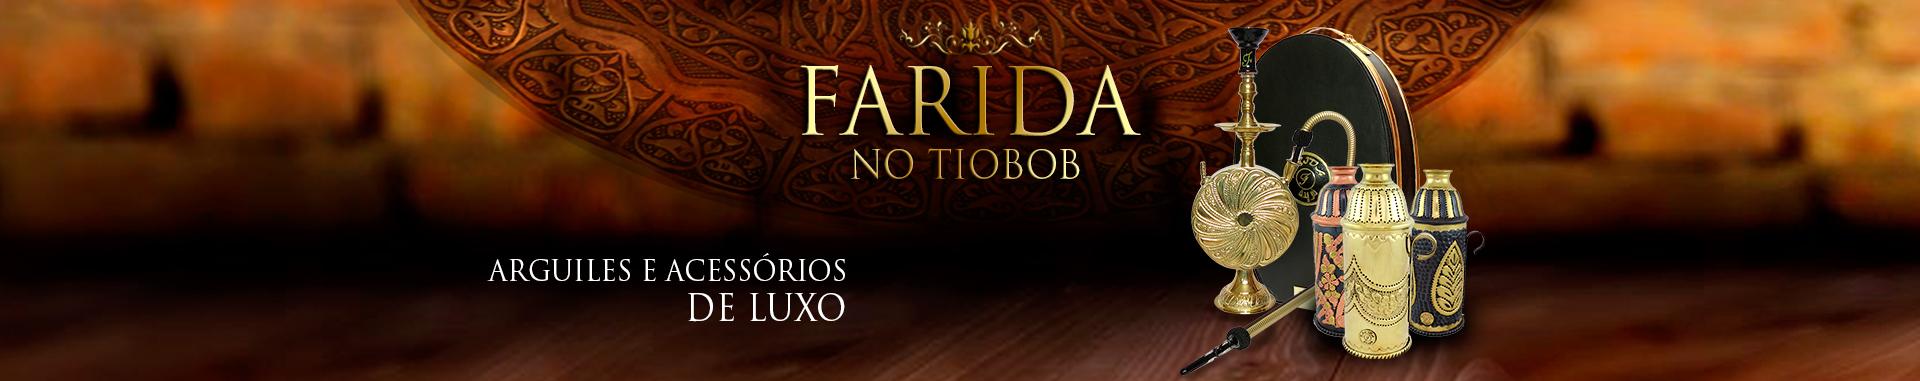 Farida